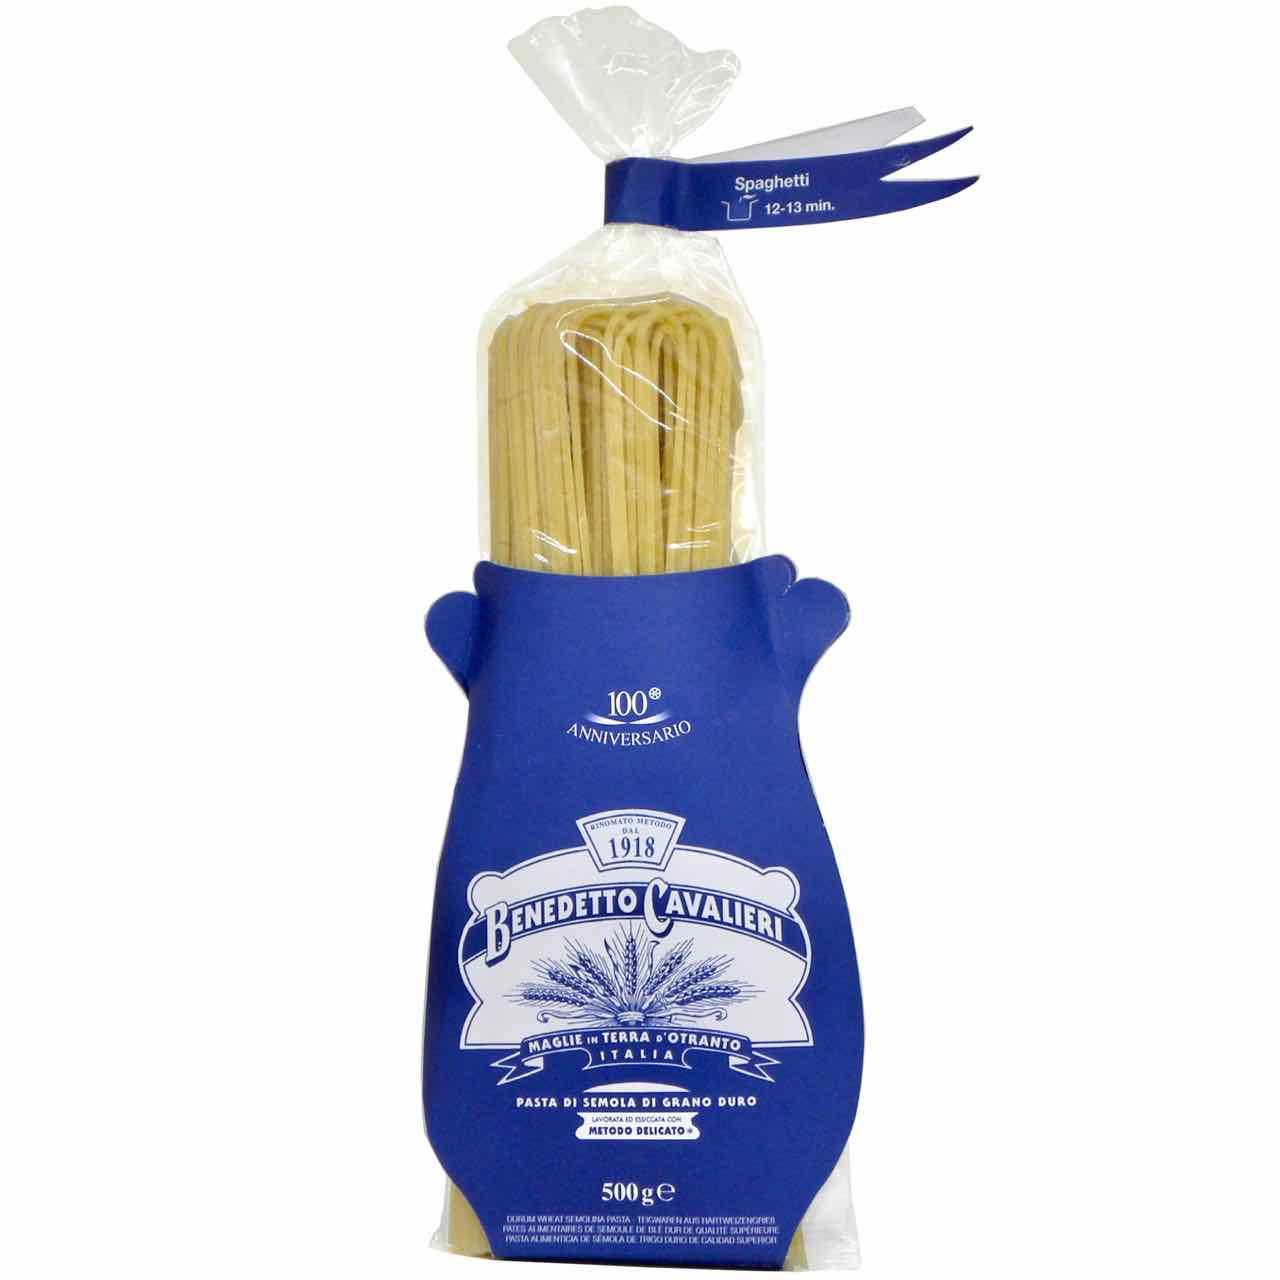 spaghetti benedetto cavalieri – Gustorotondo online shop – i migliori cibi online – vendita online dei migliori cibi italiani artigianali